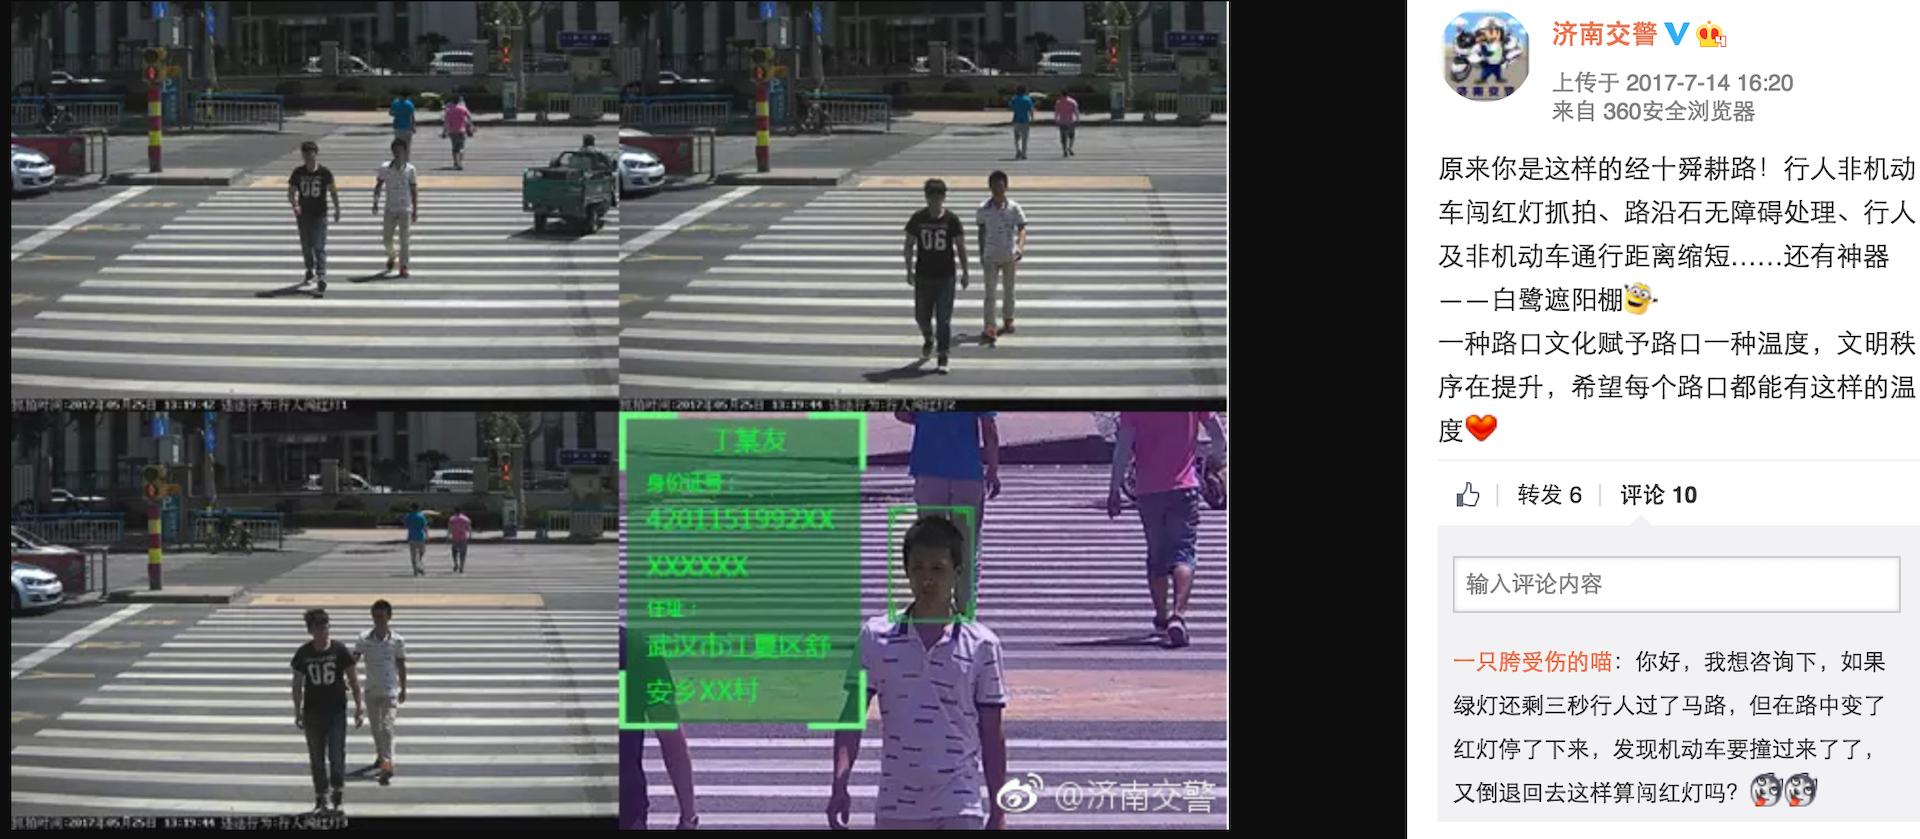 Afbeeldingsresultaat voor china social credit system